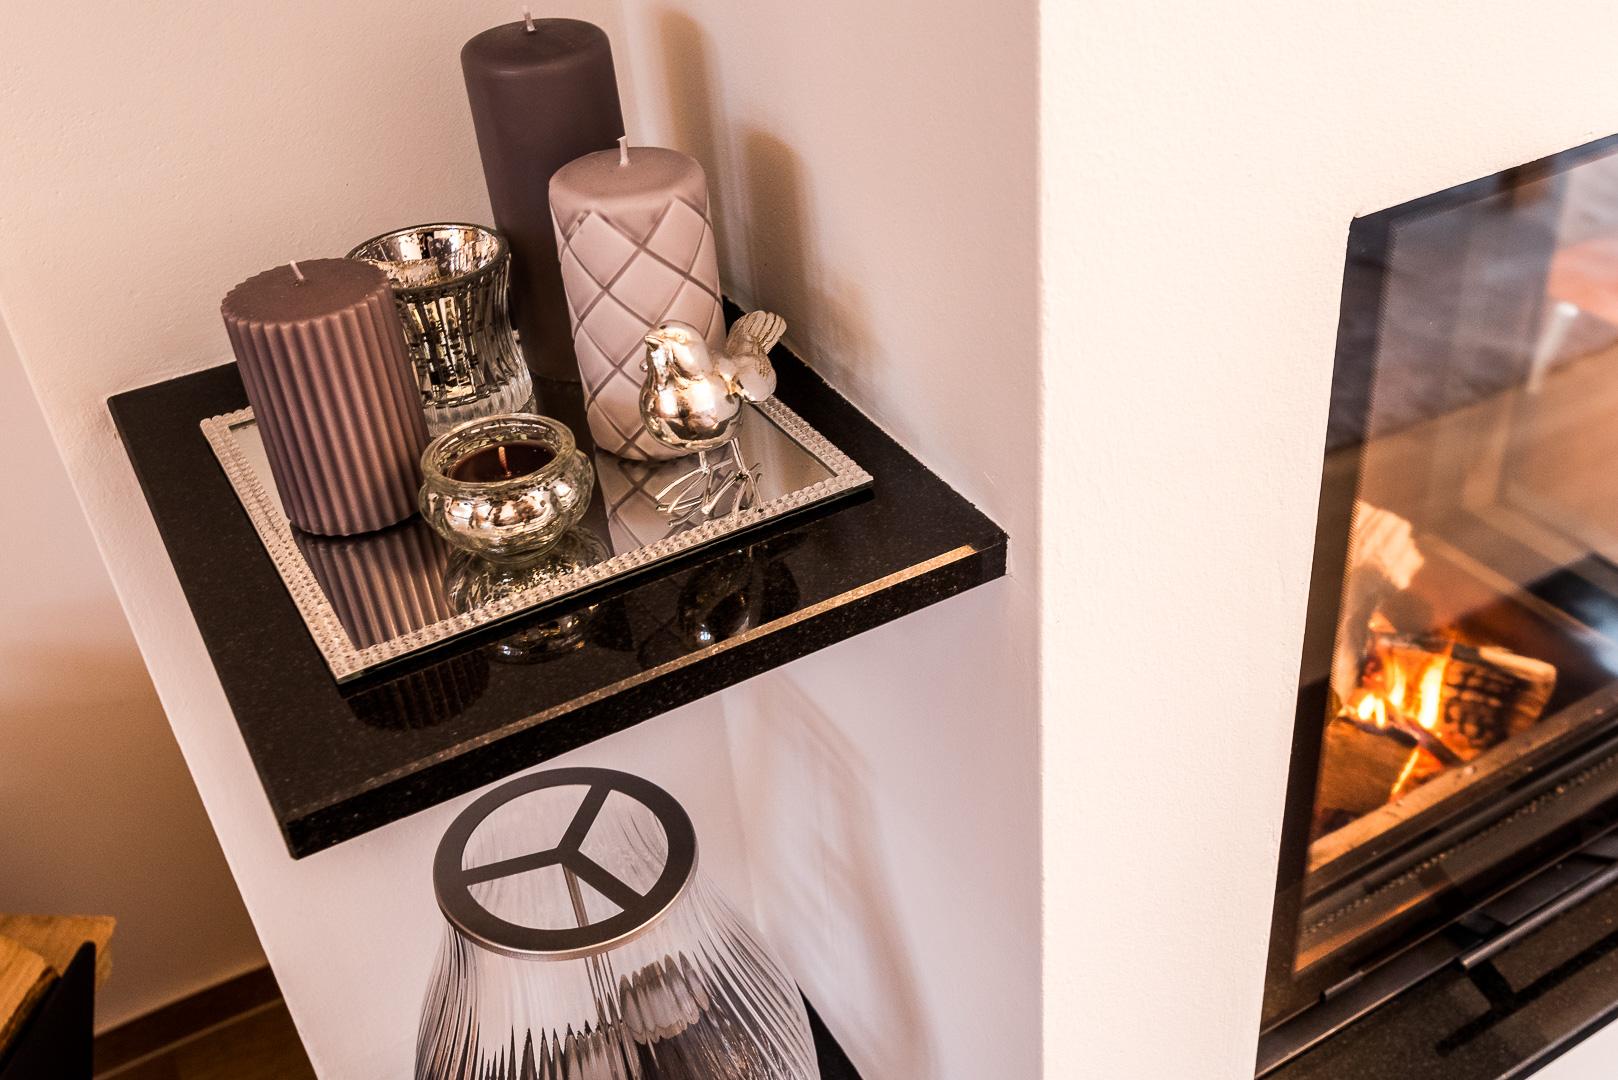 Die Regalböden sind aus dem gleichen Material wie der Feuertisch gefertigt.